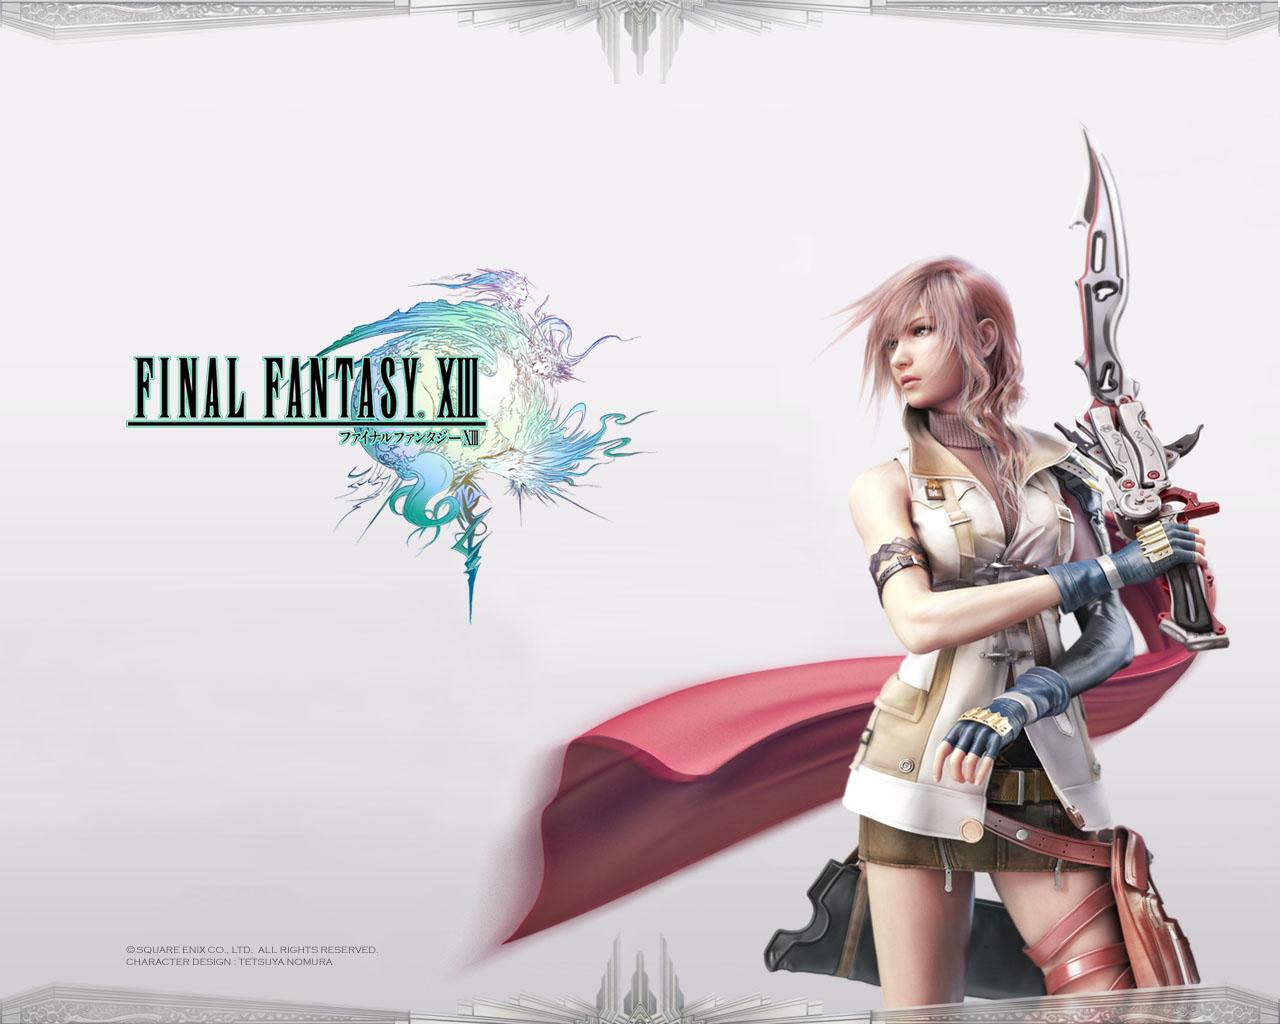 http://1.bp.blogspot.com/-iV3ap4Rtq4c/UEDUJlBCxmI/AAAAAAAABpw/tib63jG8l1U/s1600/Final-Fantasy-2g.jpg